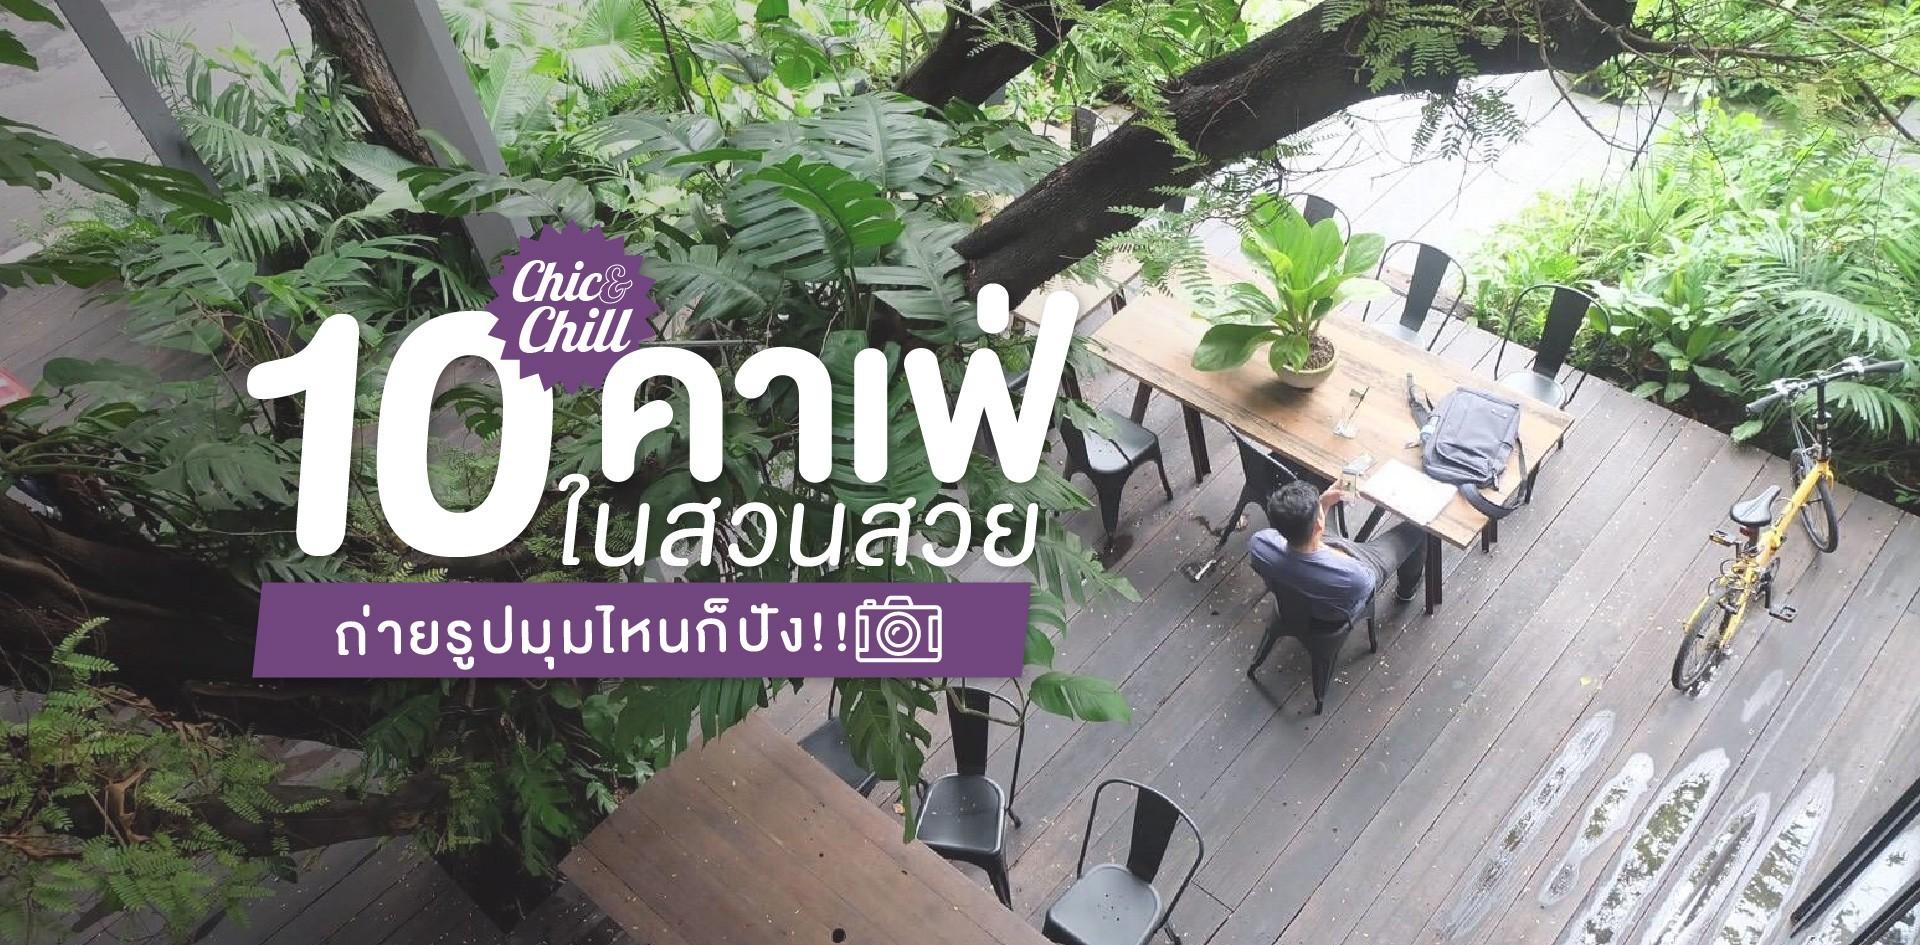 Chic & Chill 10 ร้านคาเฟ่ในสวนสวย ถ่ายรูปมุมไหนก็ปัง!!